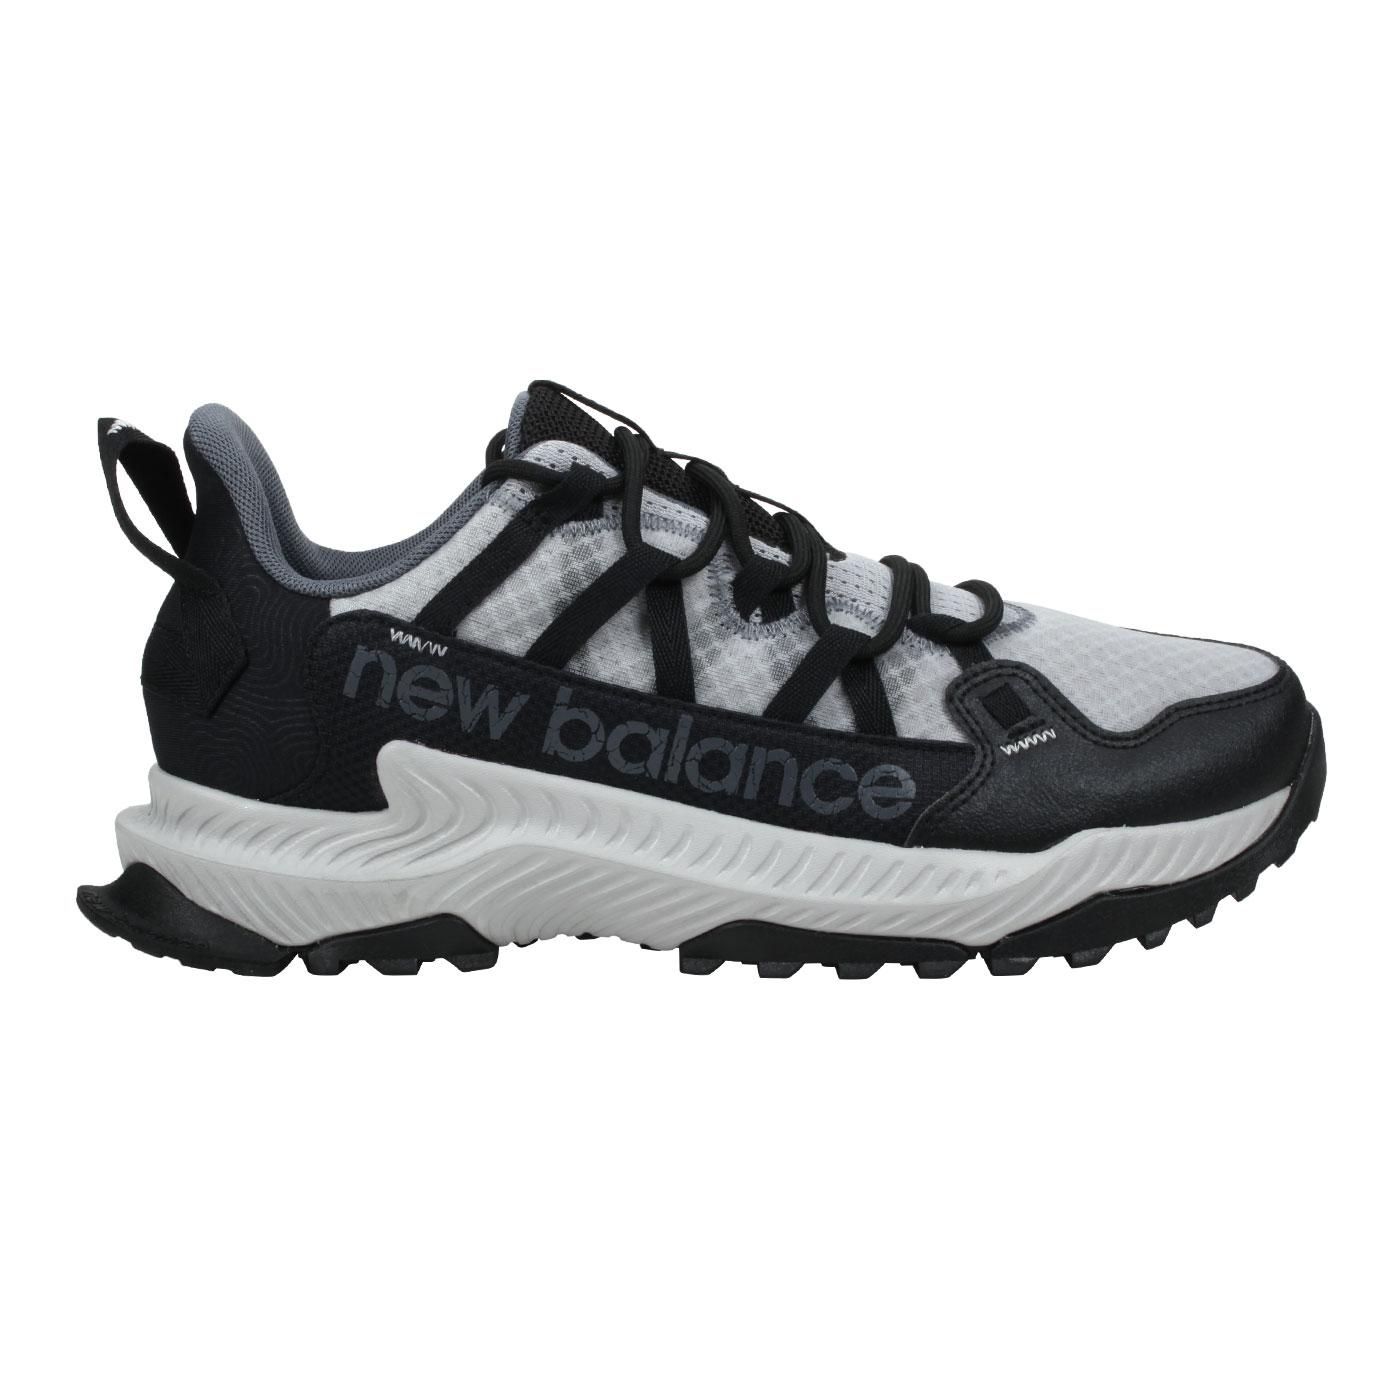 NEW BALANCE 男款越野跑鞋-2E MTSHALK - 淺灰黑